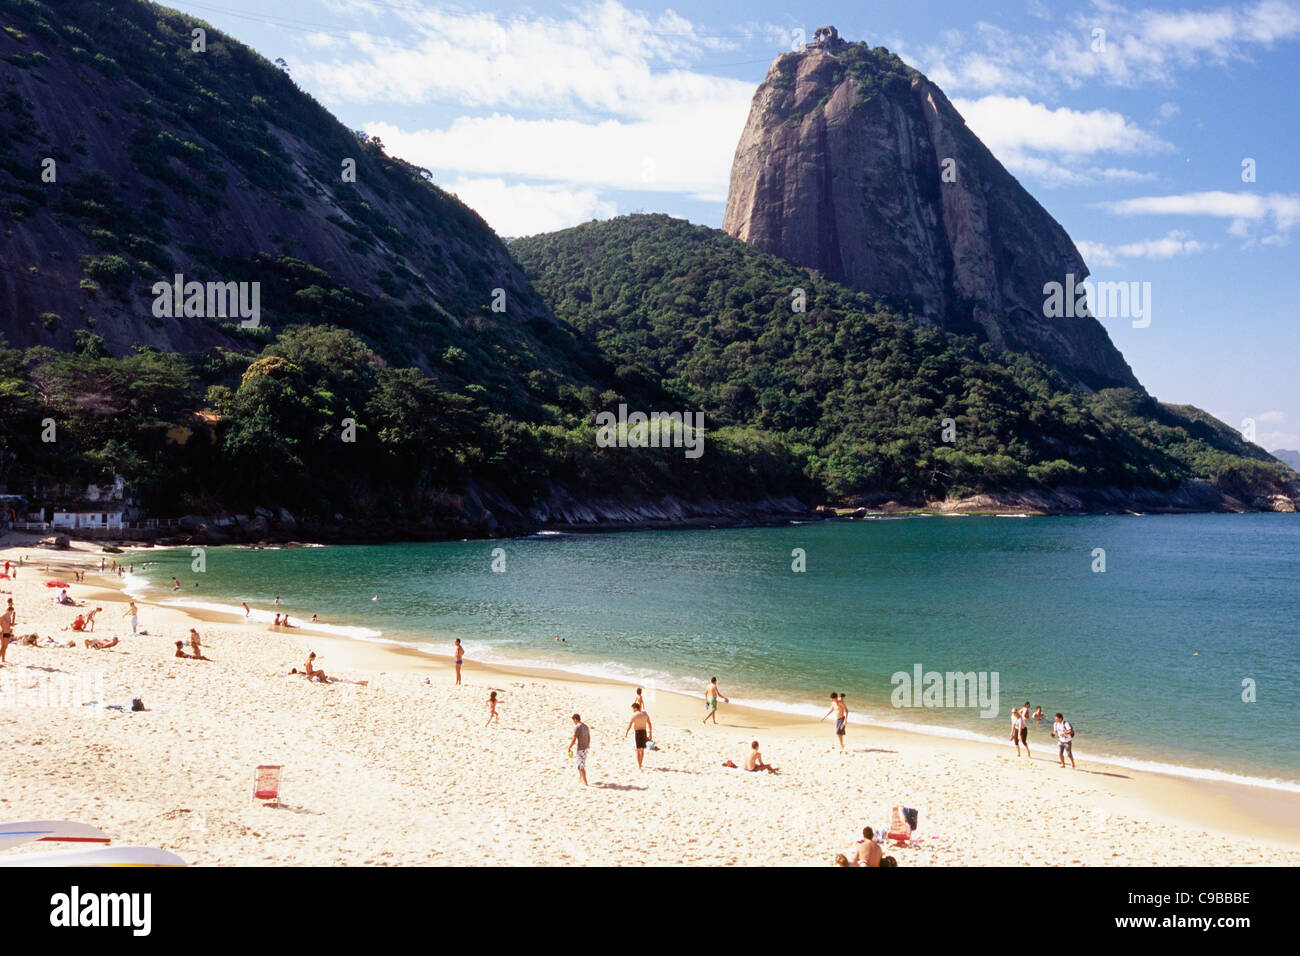 Vue sur le Pain de sucre à partir de la plage Vermelha, Rio de Janeiro, Brésil Photo Stock